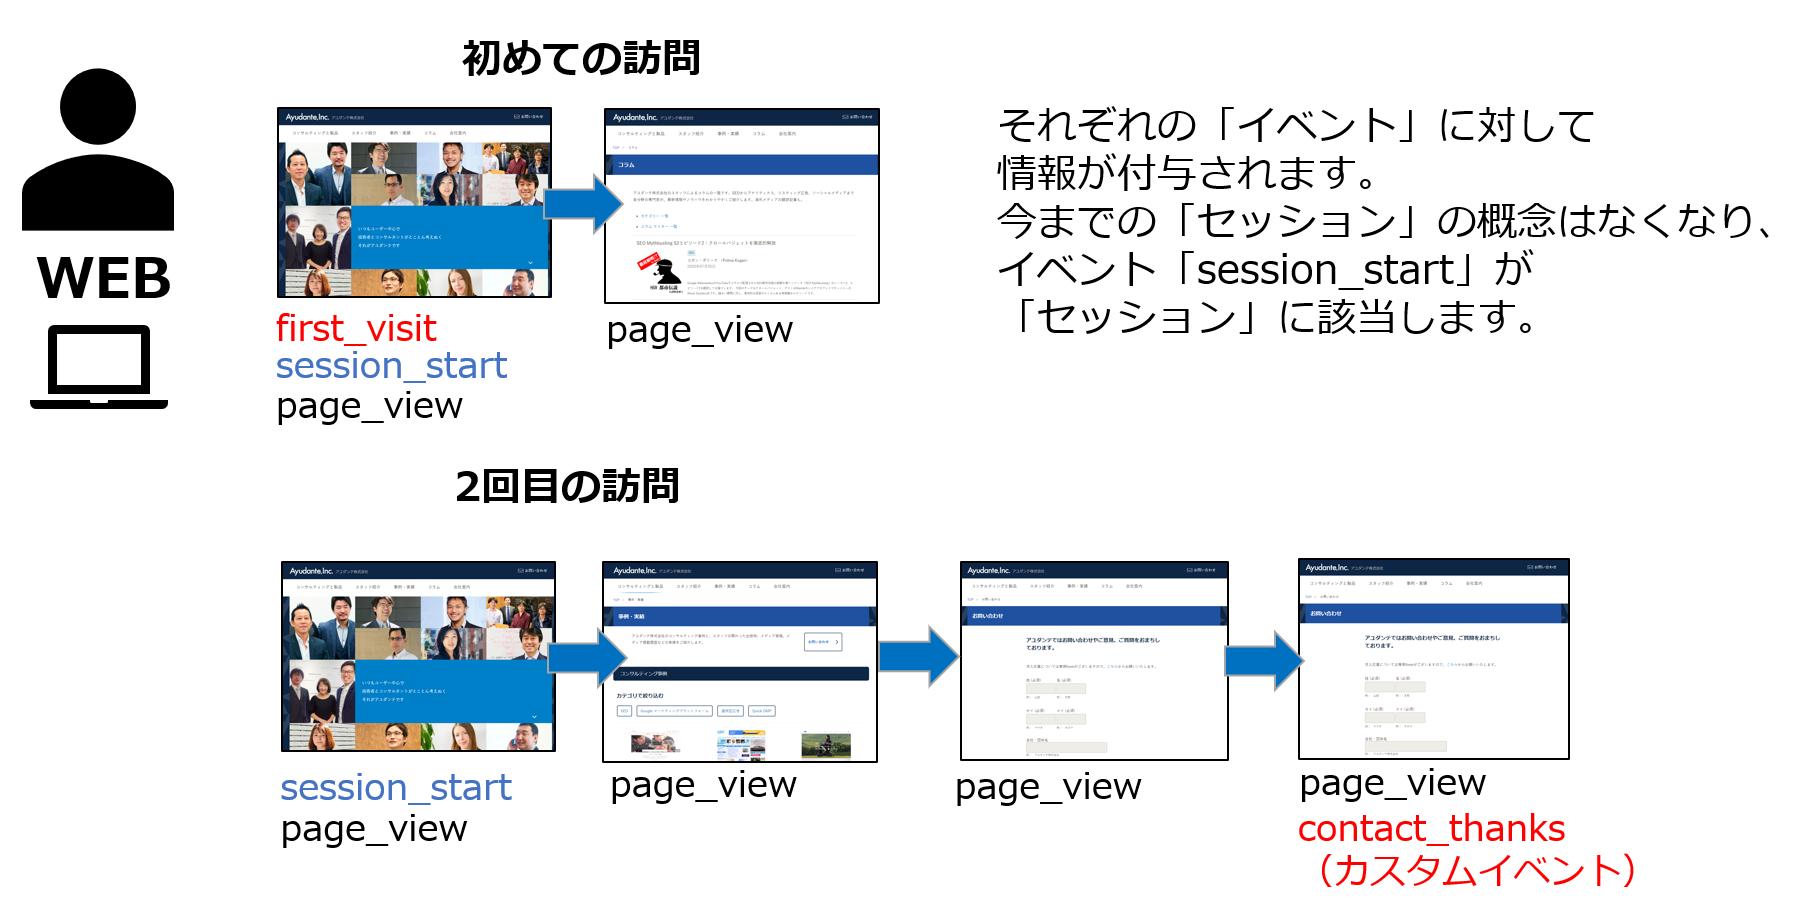 ユーザーがサイトに訪れたときのイベントとレポート図